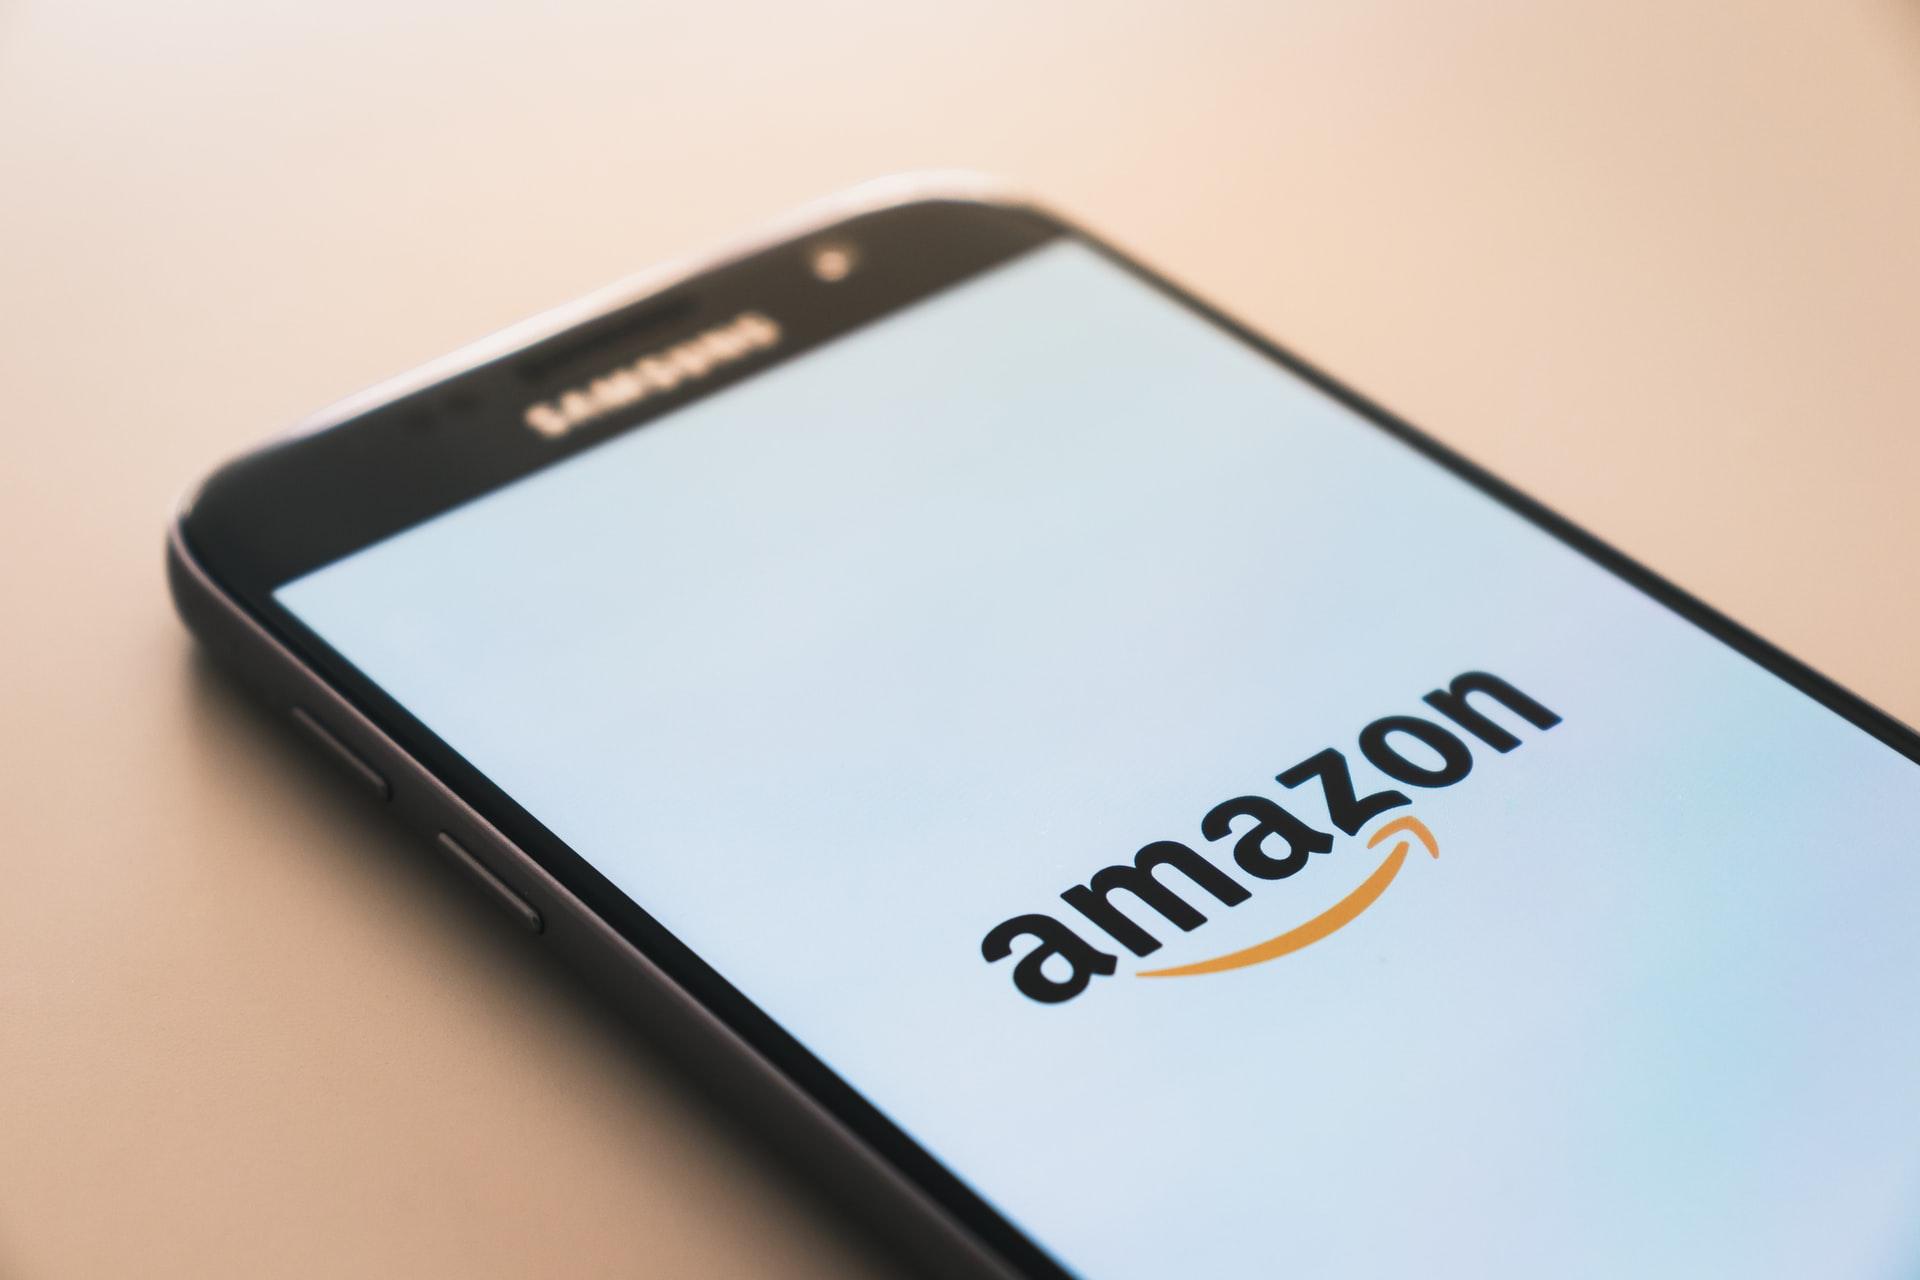 """""""Amazon"""" Bitkoin xəbərini təkzib etdi"""